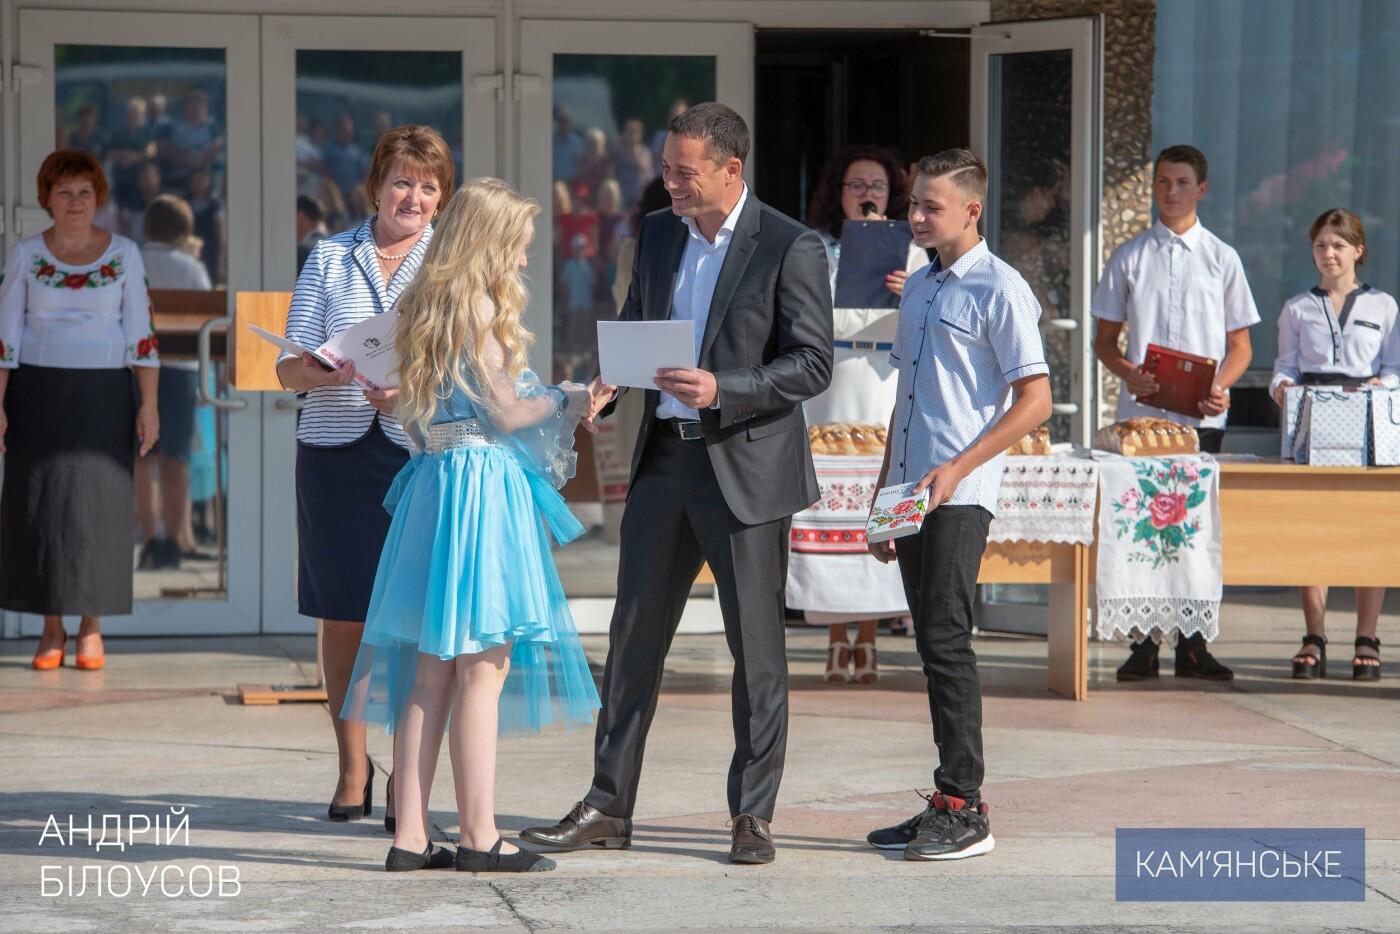 Мэр Каменского поздравил с Днем знаний учеников школы №20, фото-3